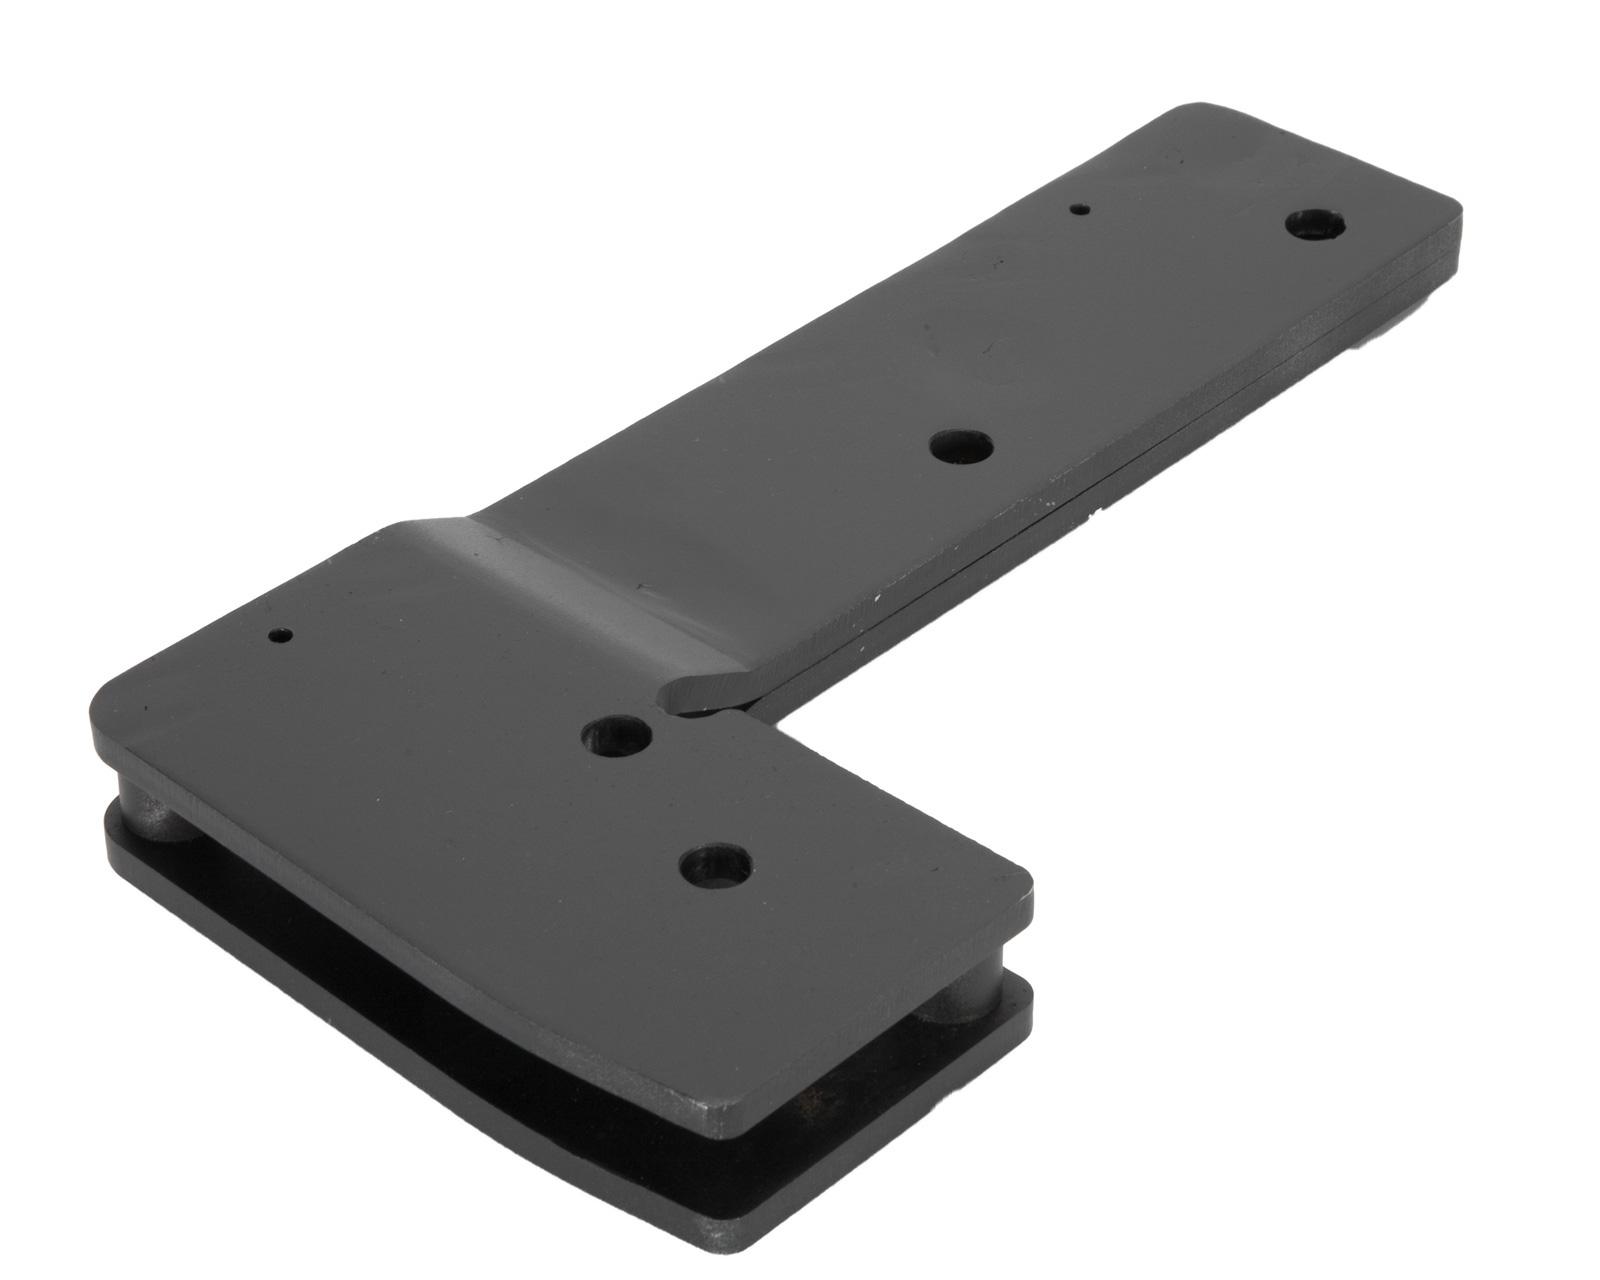 Крепления RCF LINK BAR HDL20-HDL18 Дополнительный кронштейн для монтажа HDL20 к HDL18 в подвесном кластере (в комплекте 2 шт.) rcf stck bar nxl23